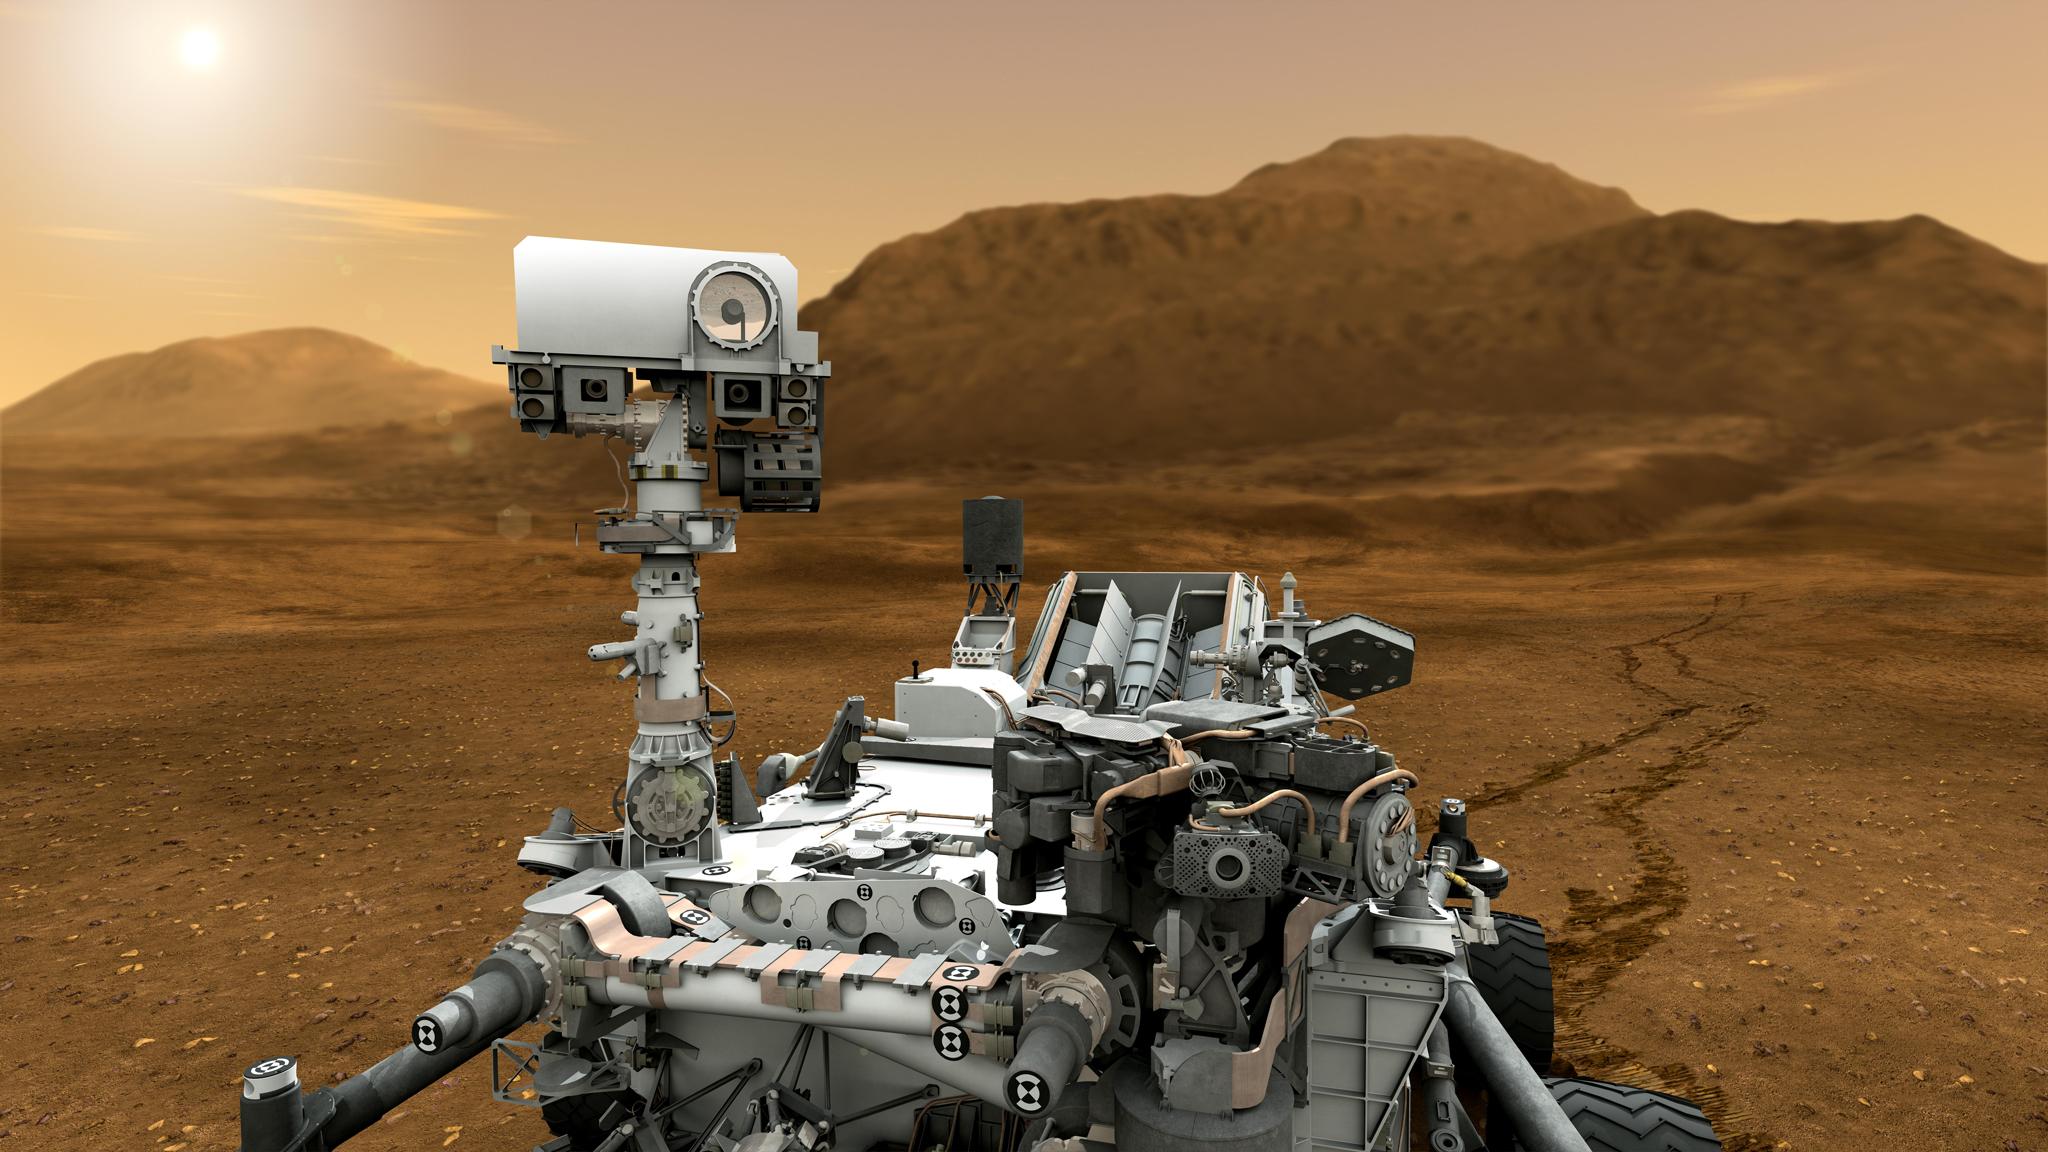 curiosity-close-up Марсоход Curiosity мог доставить на Марс земные бактерии